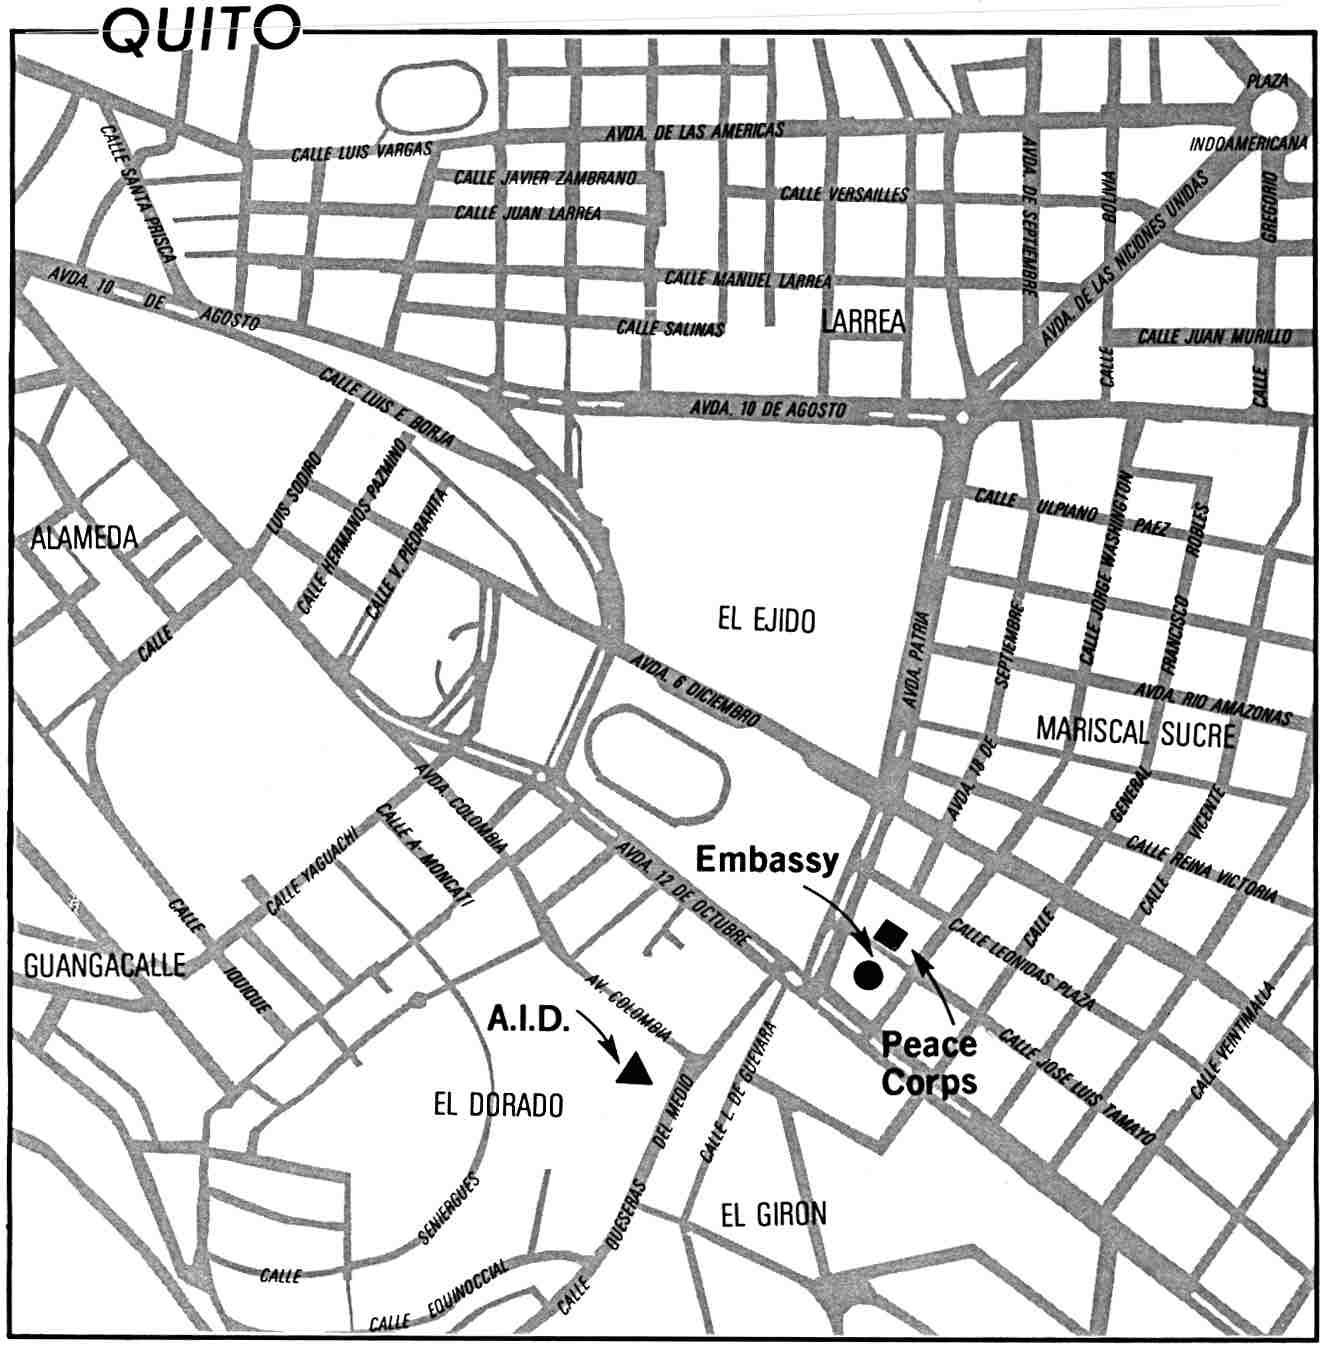 Mapa de la Ciudad de Quito, Ecuador